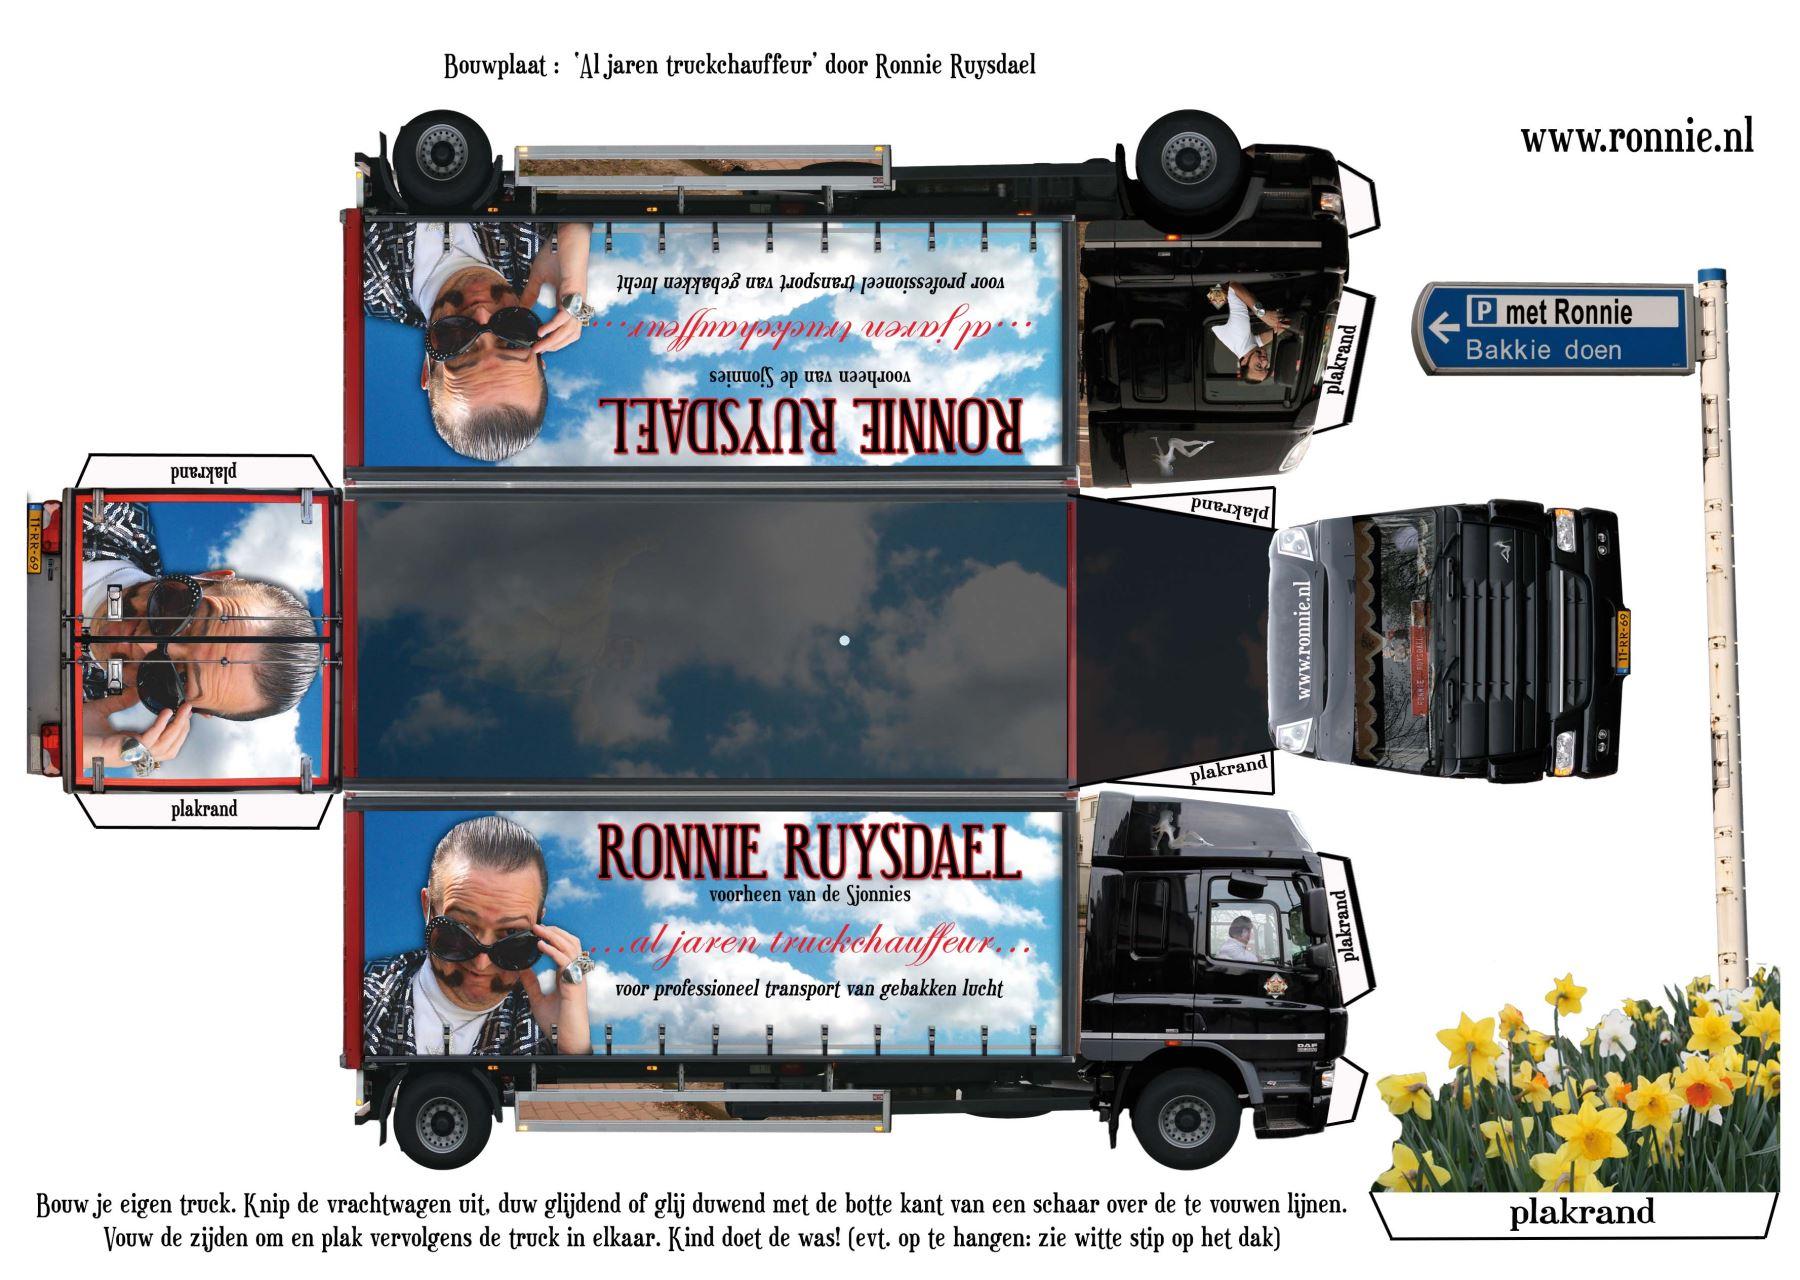 Ronnie_Rysdael_truckchauffeur